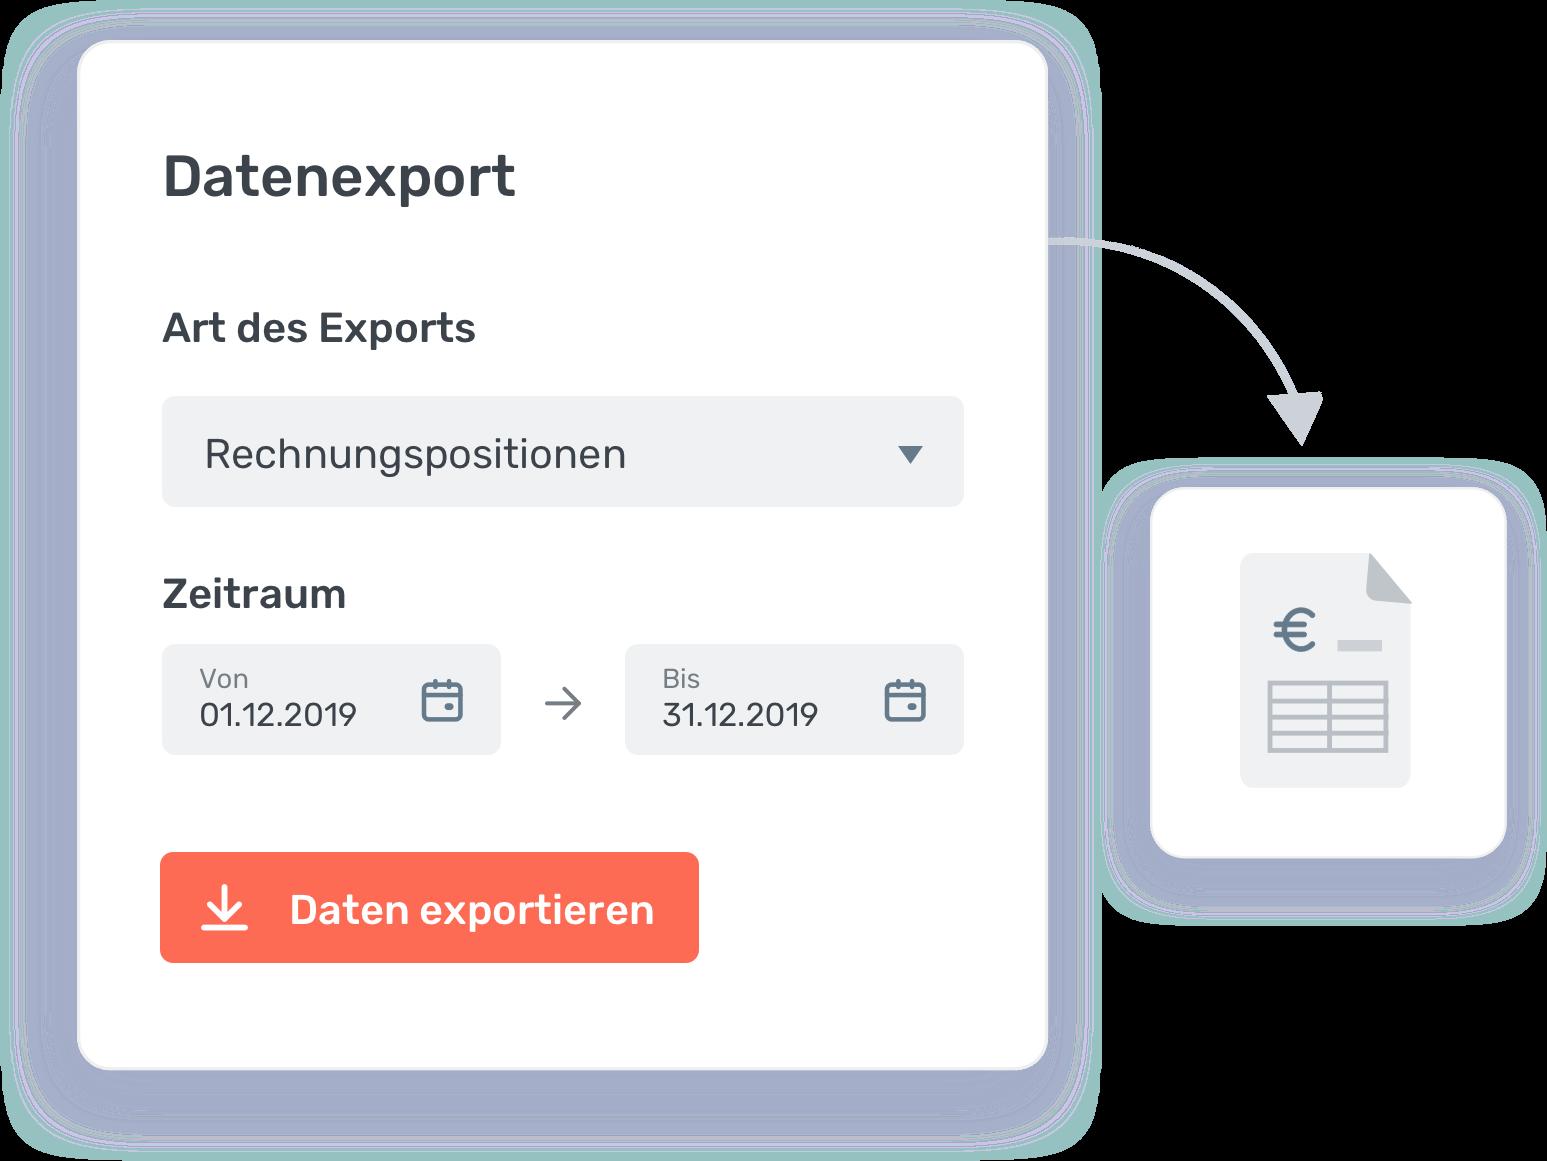 Datenexport